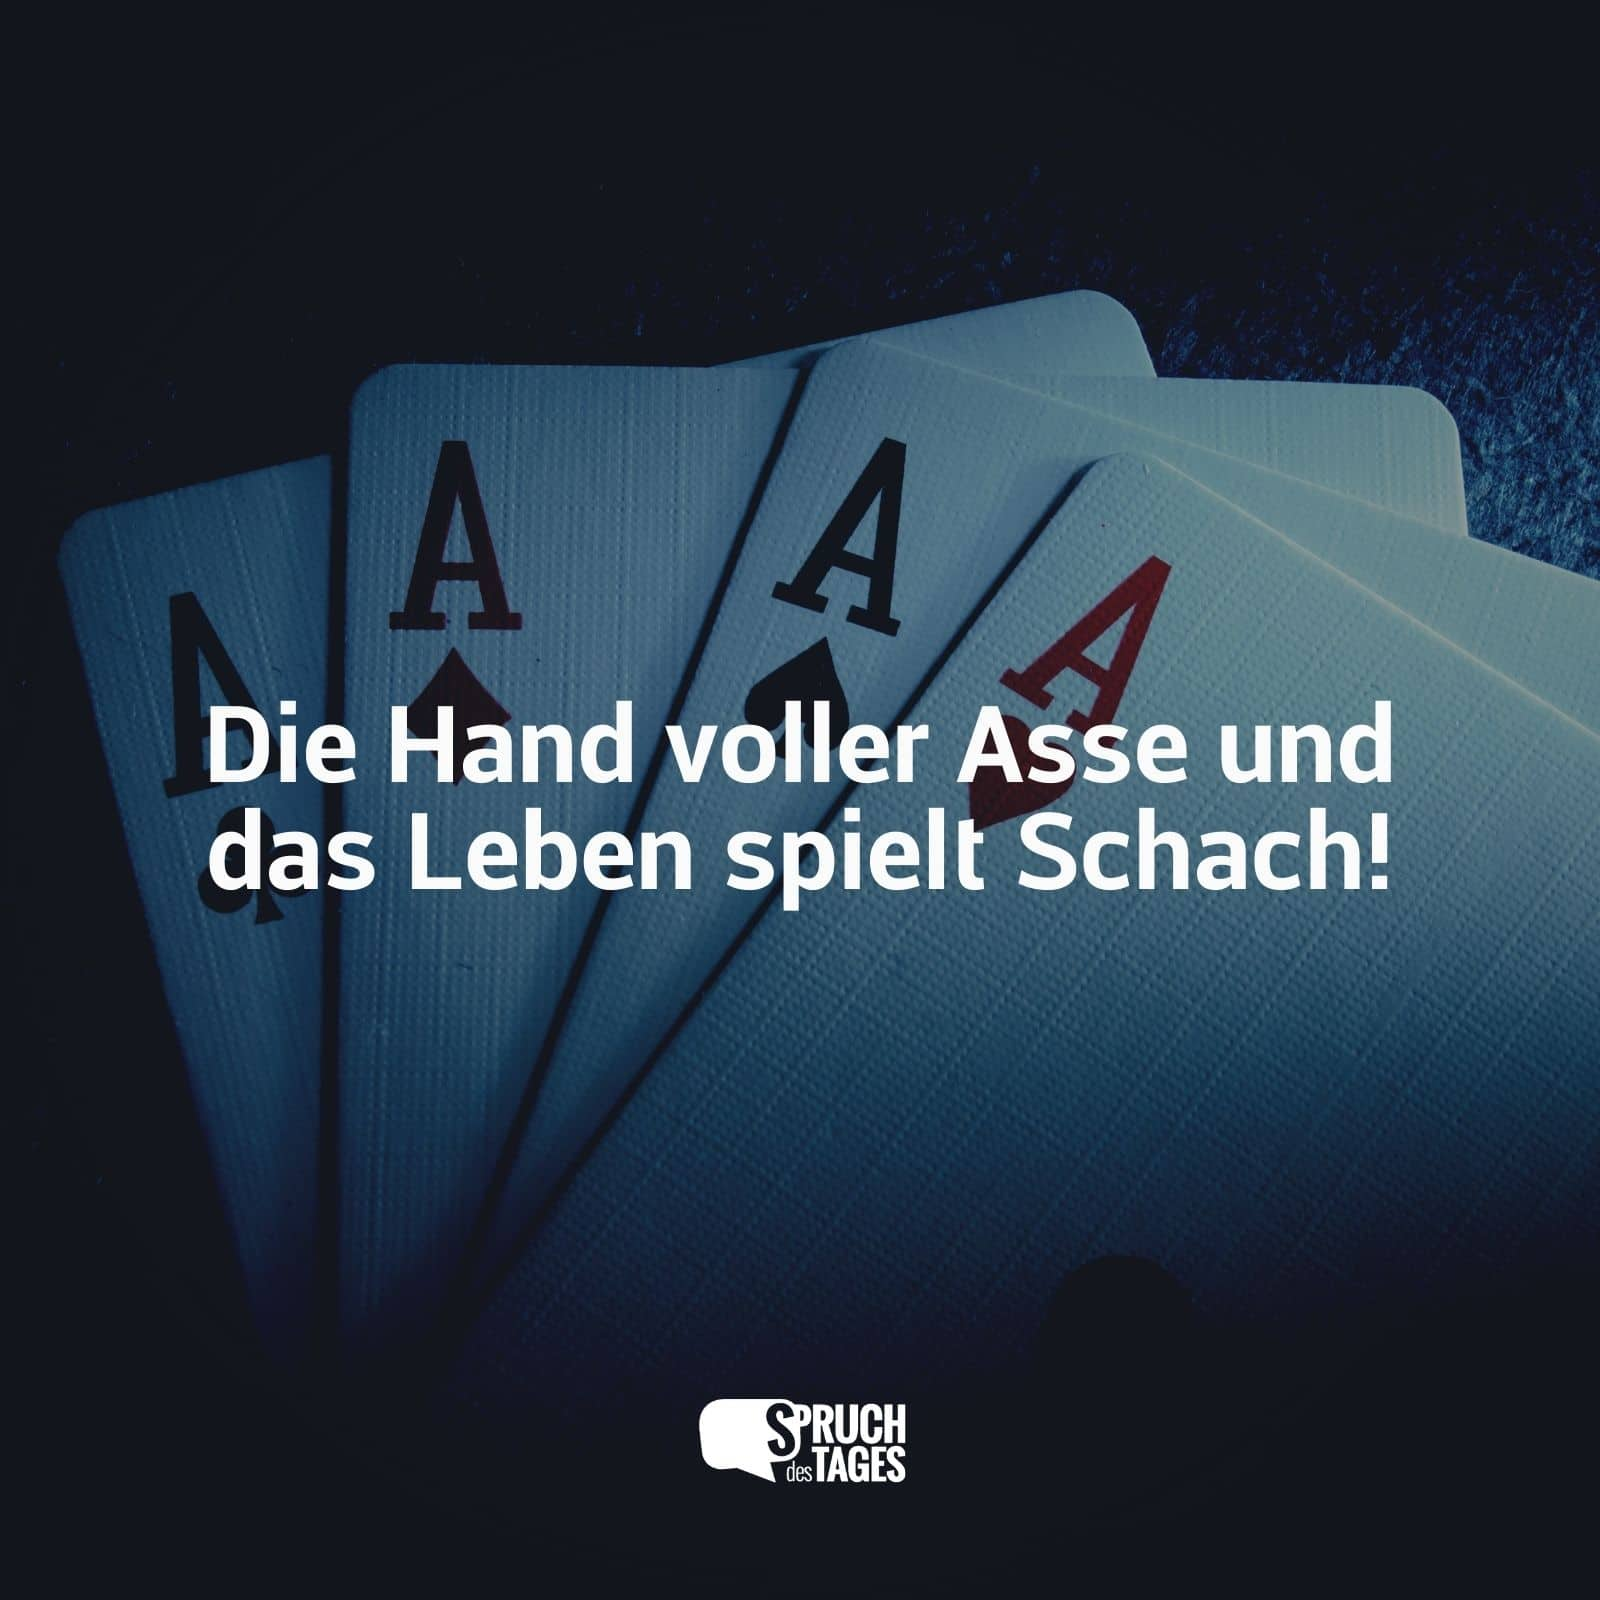 das leben spielt sprüche Die Hand voller Asse und das Leben spielt Schach! das leben spielt sprüche